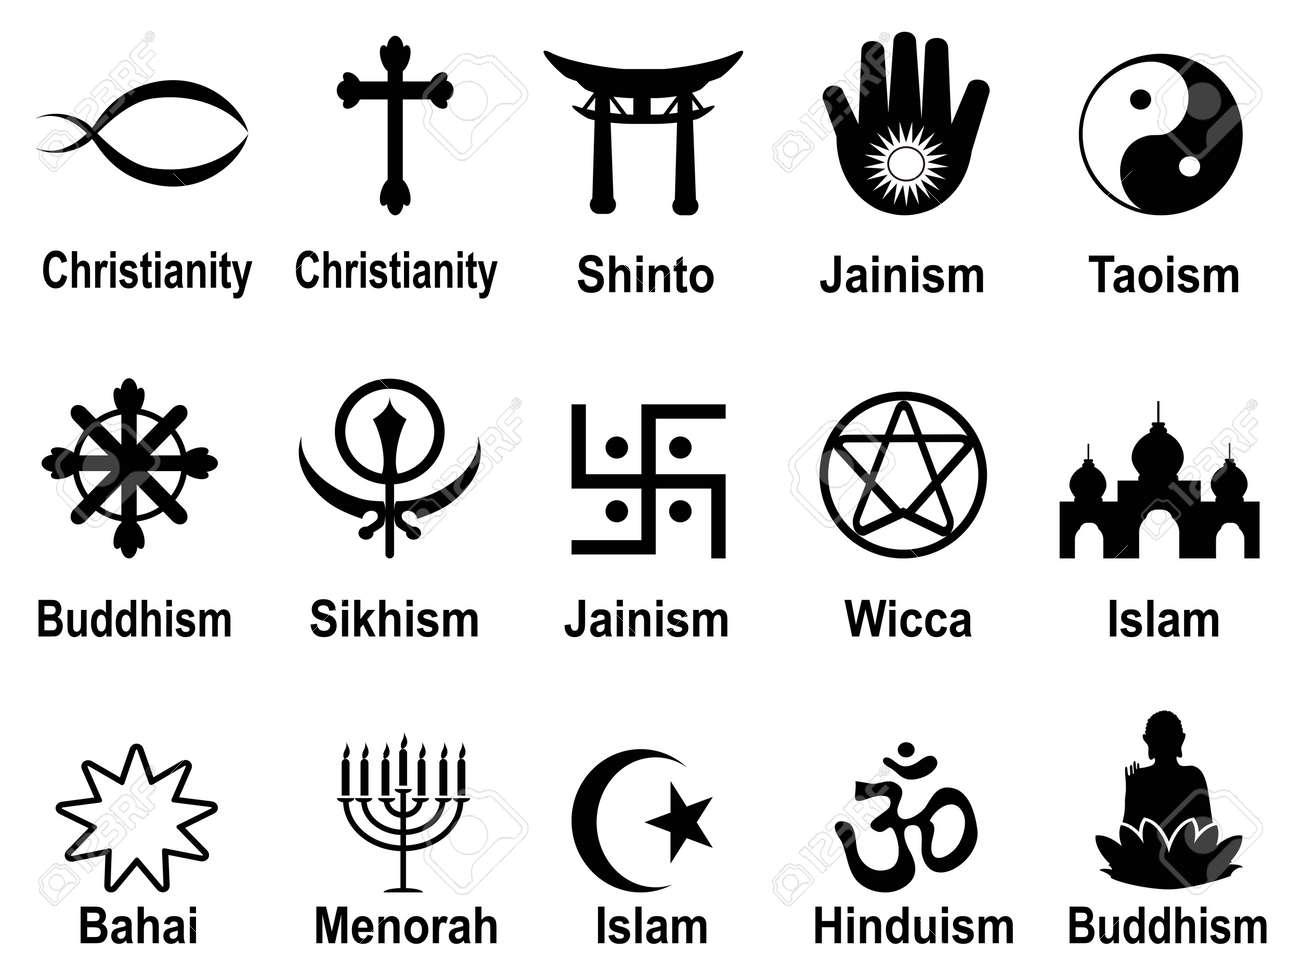 Aislado Negro Religiosos Símbolos Iconos Conjunto De Fondo Blanco